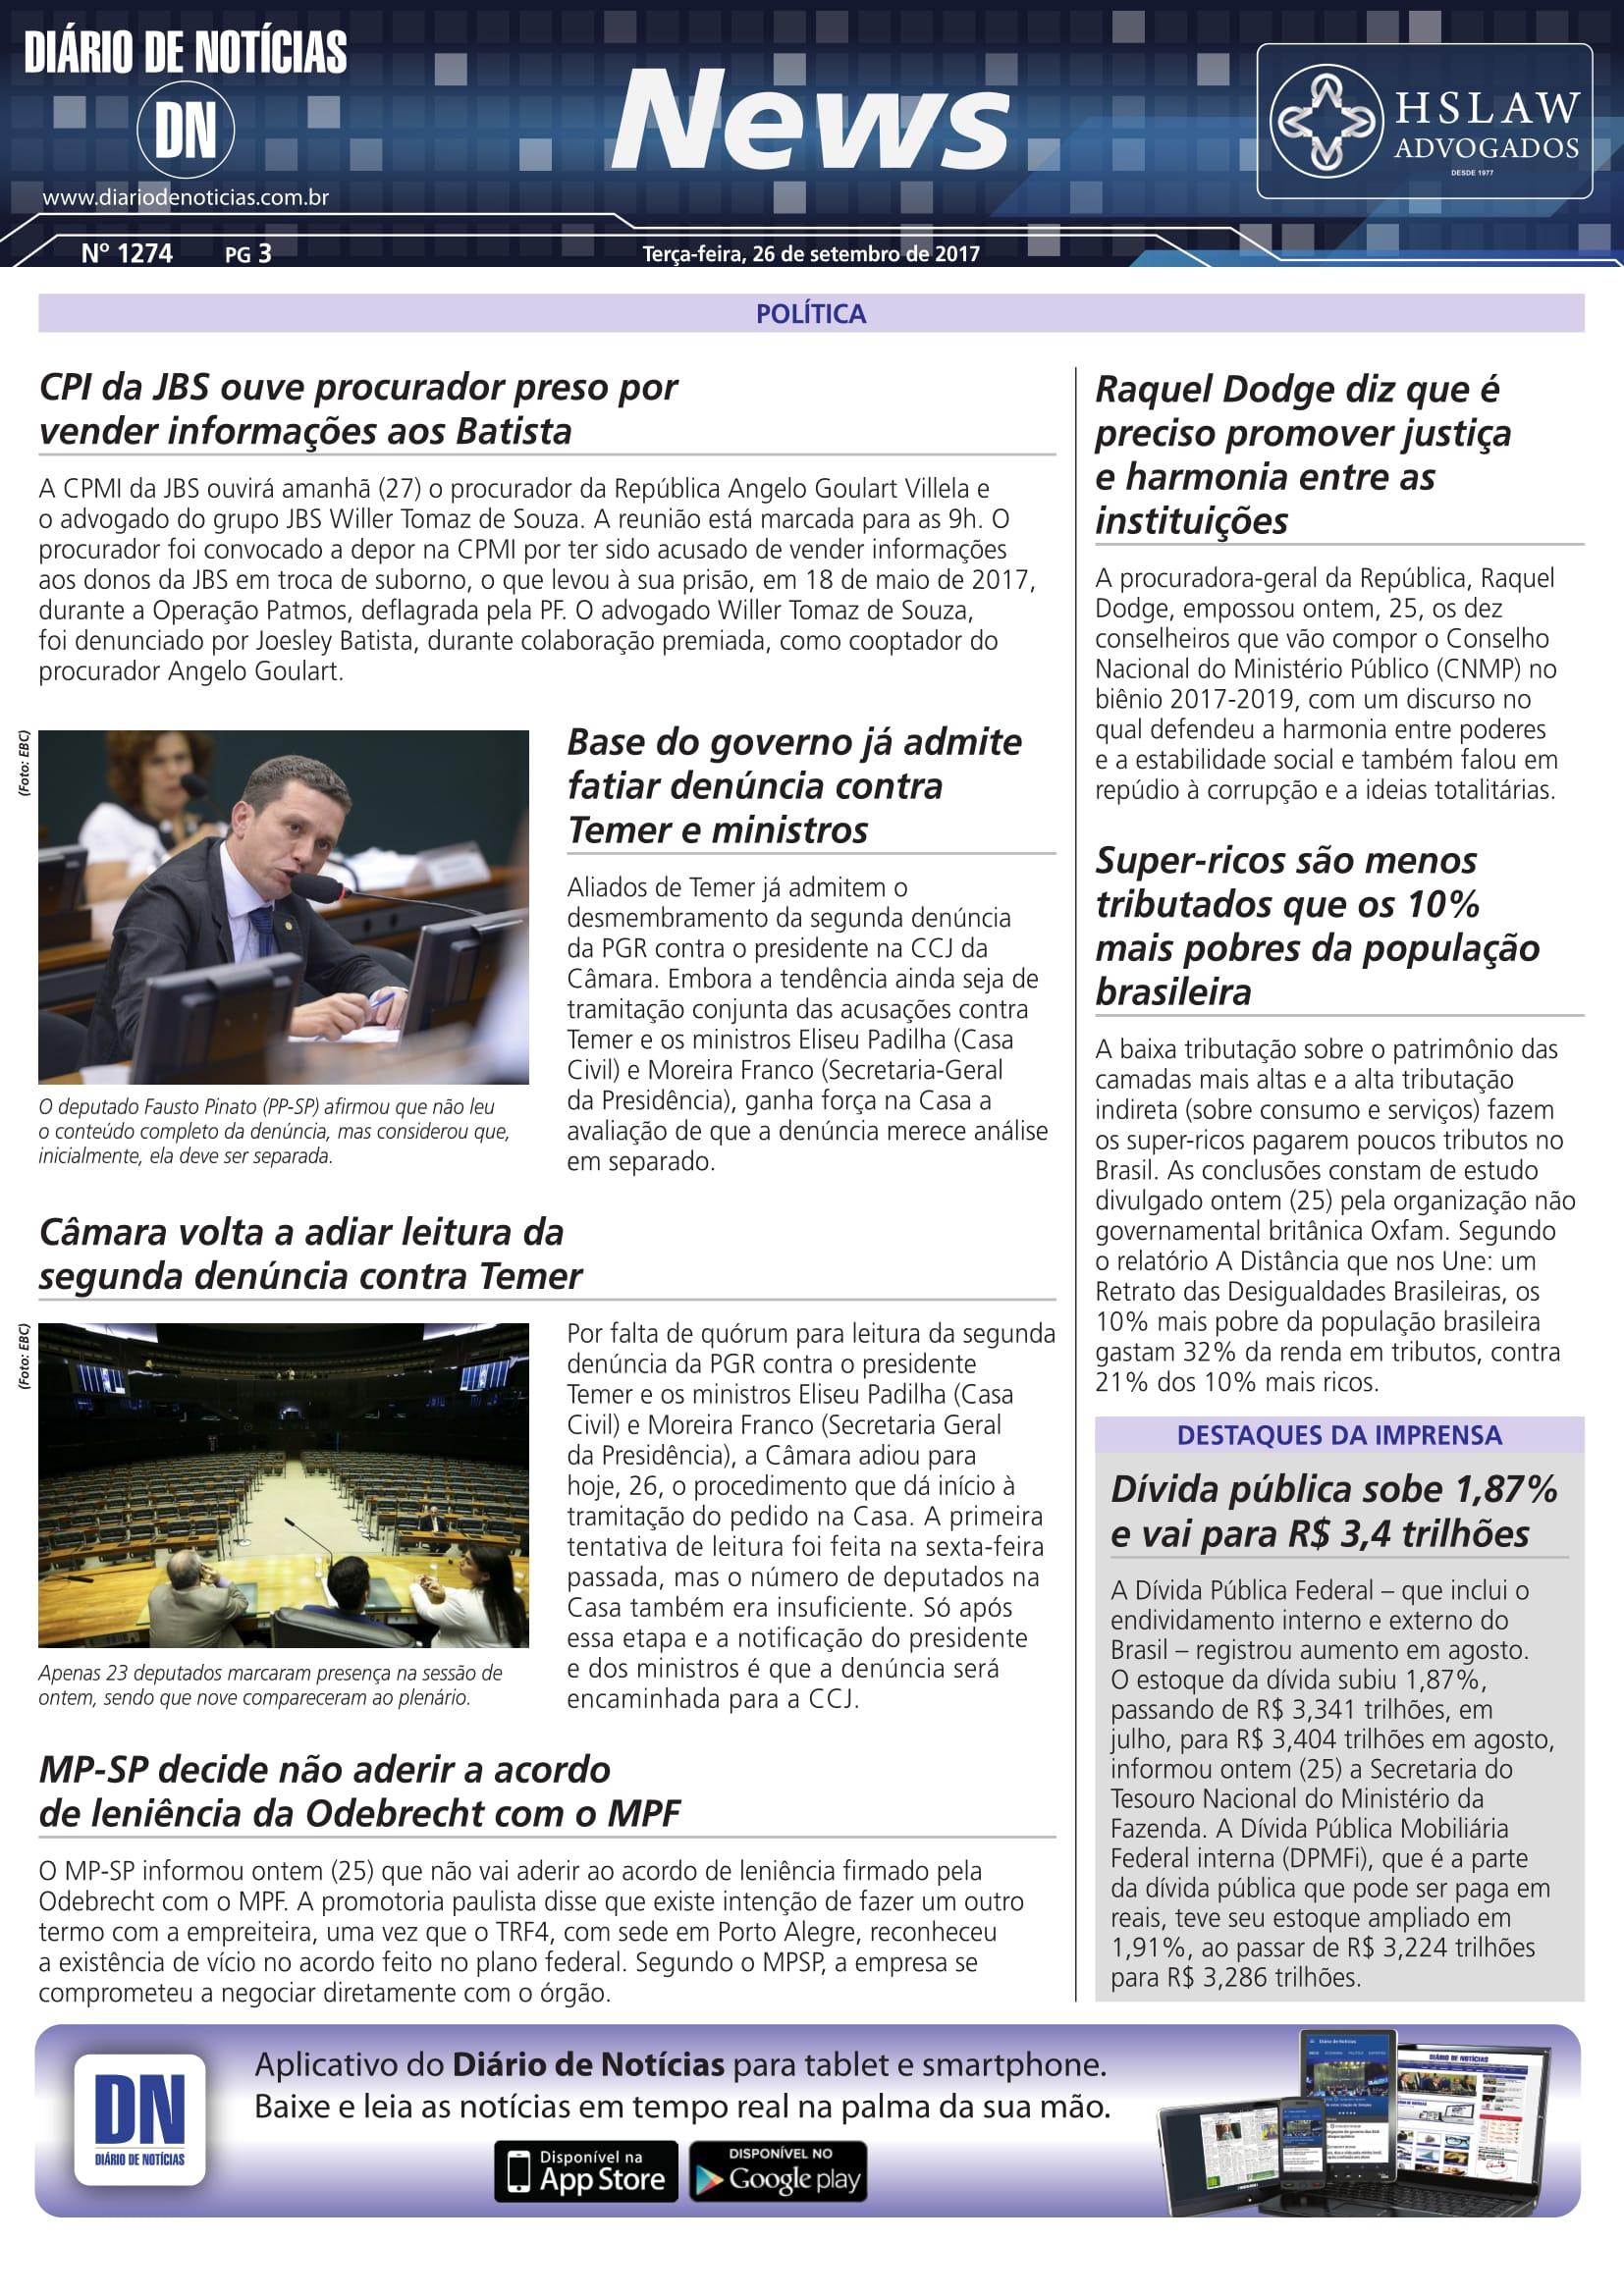 NewsPaper_1274_DN_260917-3